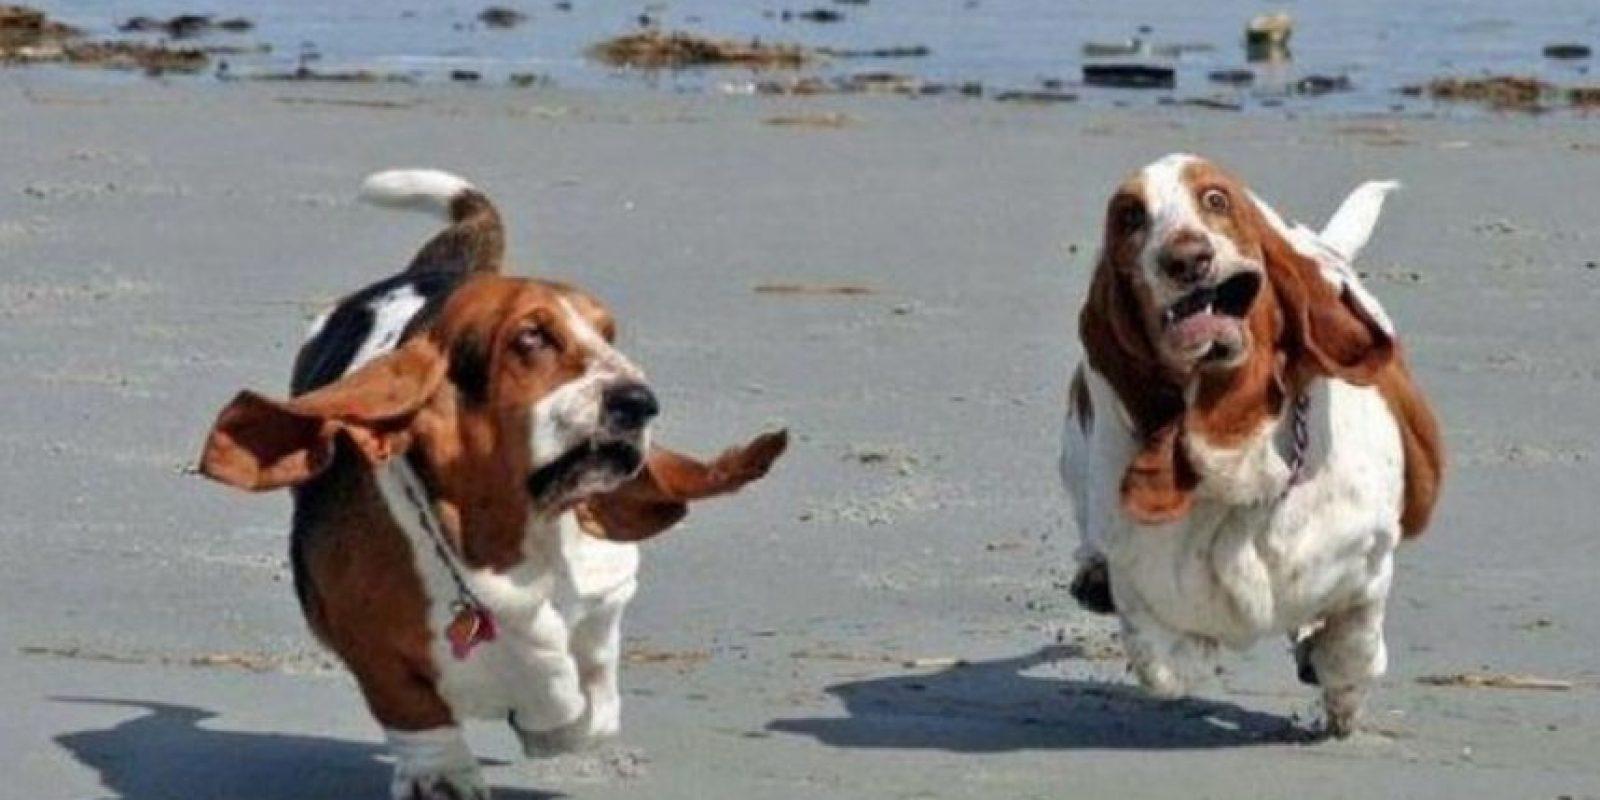 """Los dueños de mascotas también fueron calificados de acuerdo con el Anexo Lexington para Mascotas Escala, que mide afecto por los animales domésticos y un cuestionario adjunto que mide el """"apego ansioso"""" y el """"apego evitativo"""" Foto:Tumblr.com/Tagged-mascotas-graciosas"""